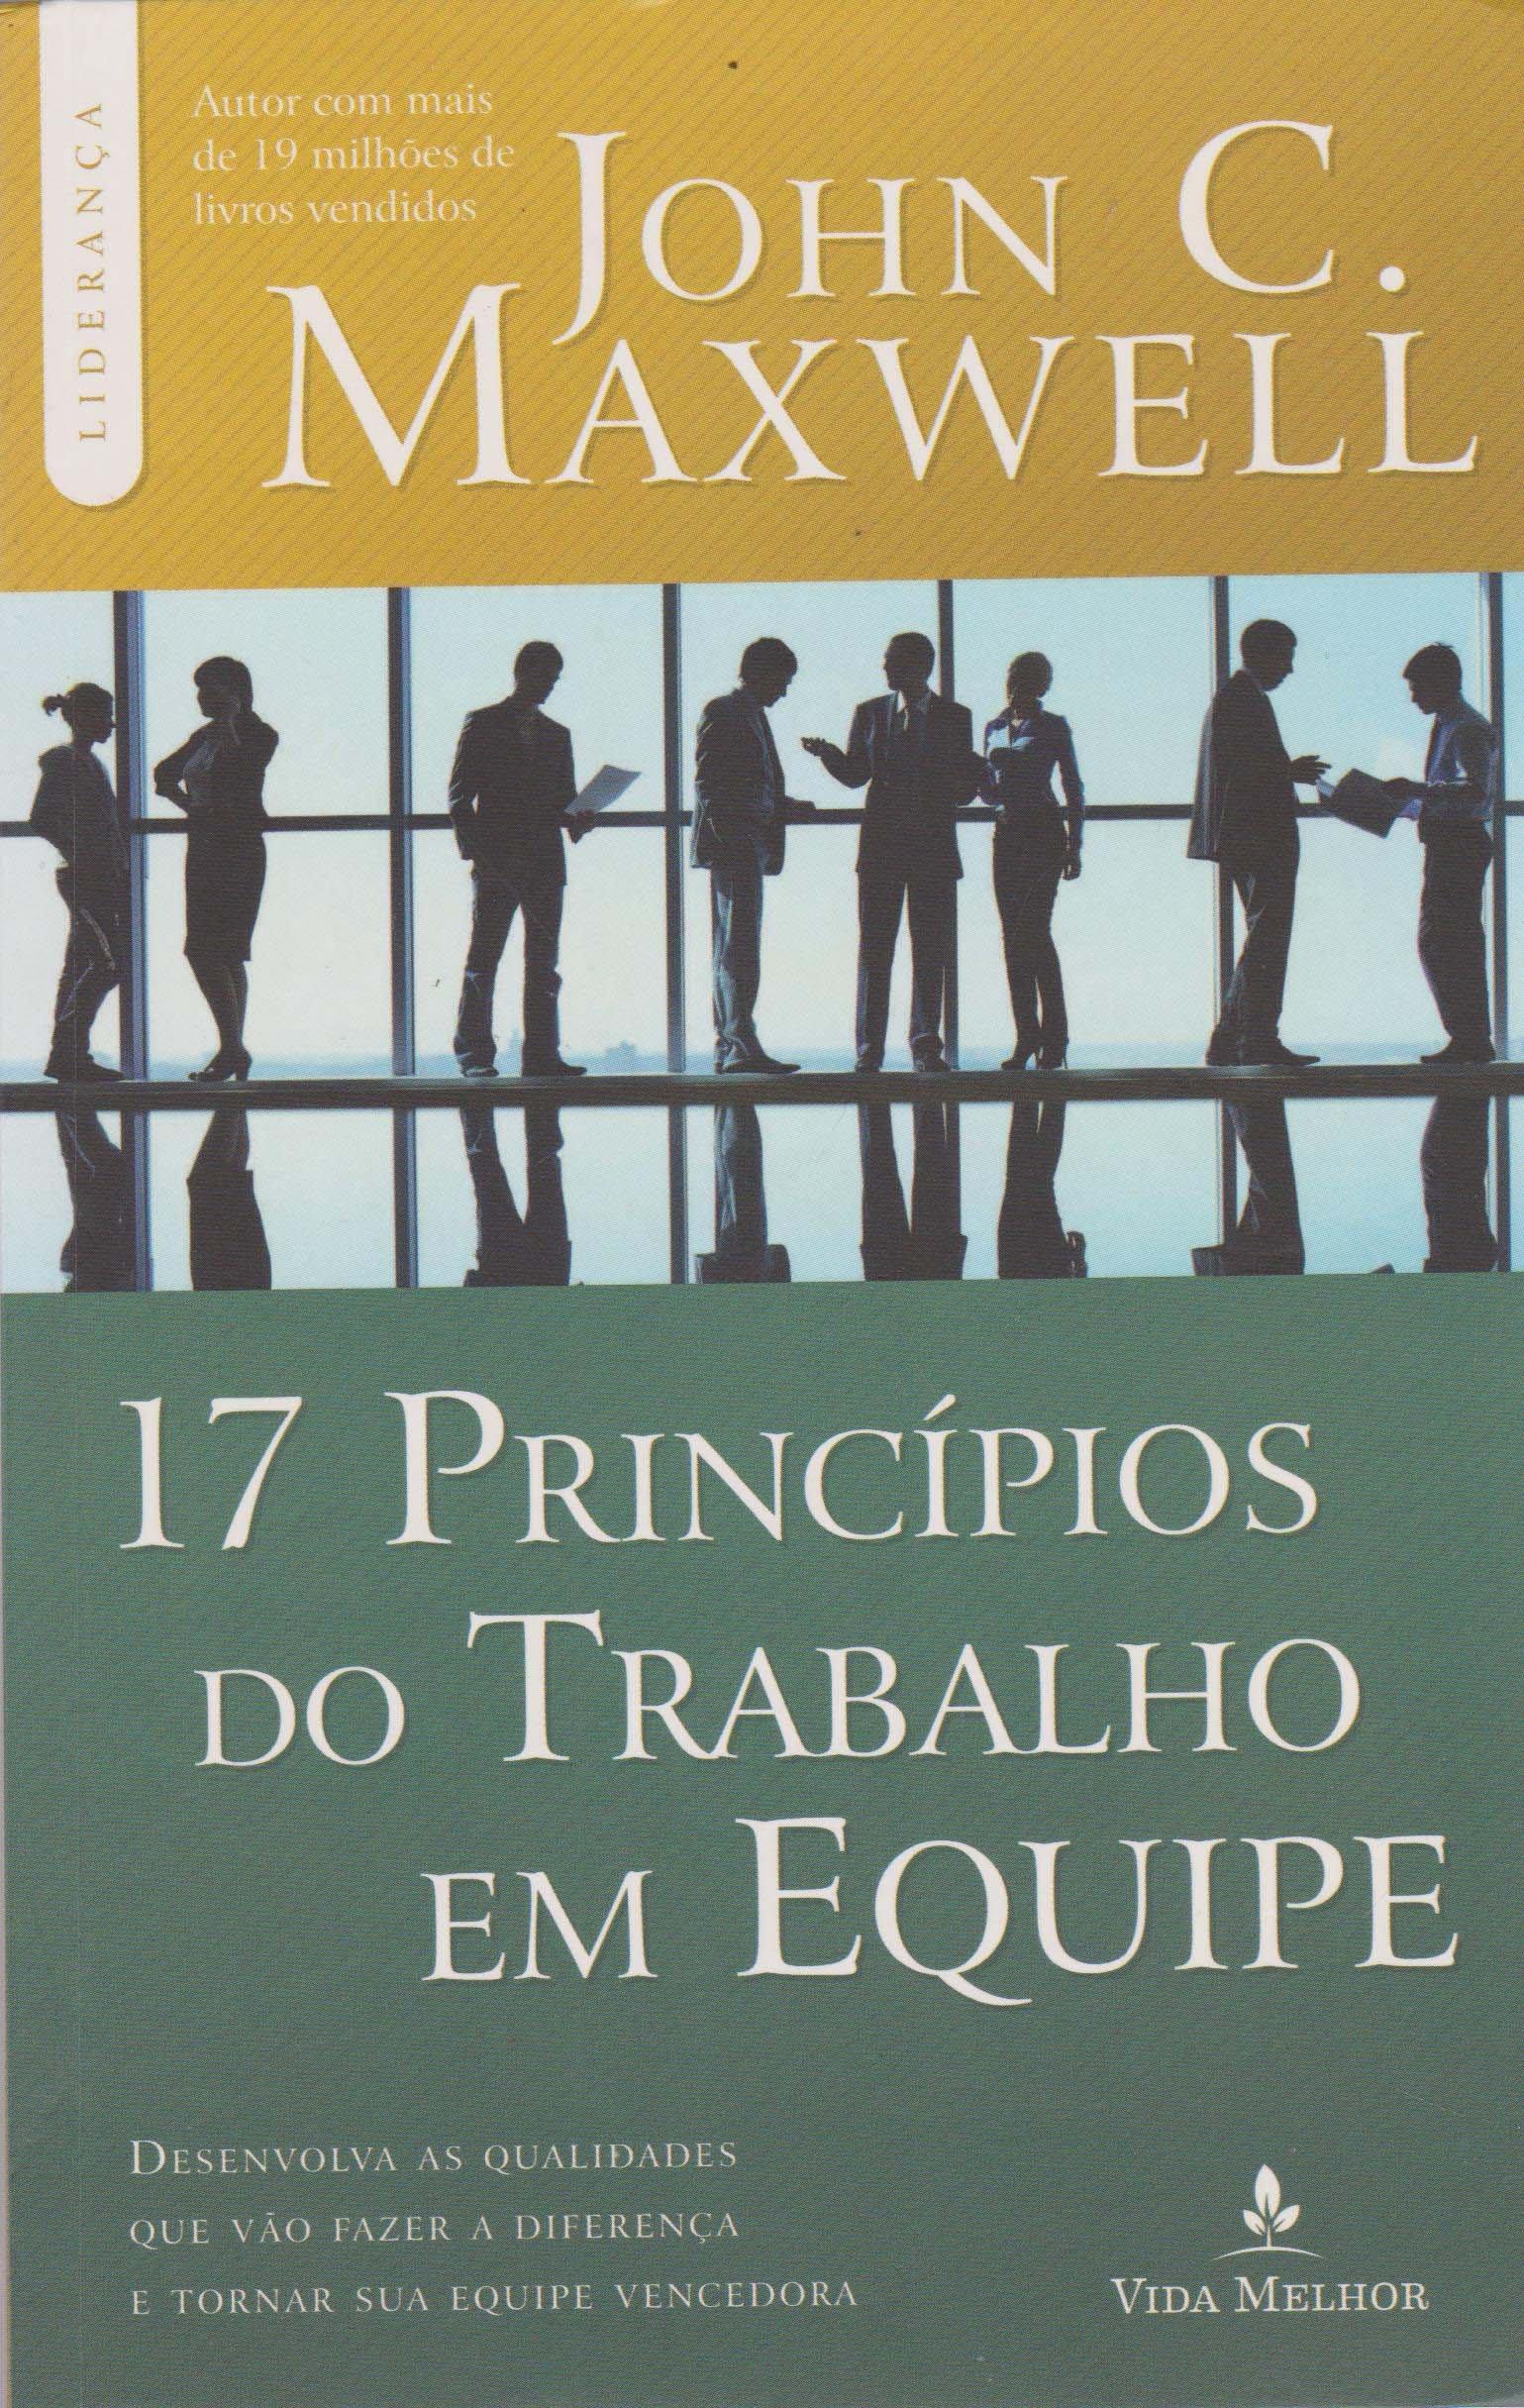 17 princpios do trabalho em equipe 9788566997385 livros na 17 princpios do trabalho em equipe 9788566997385 livros na amazon brasil fandeluxe Gallery